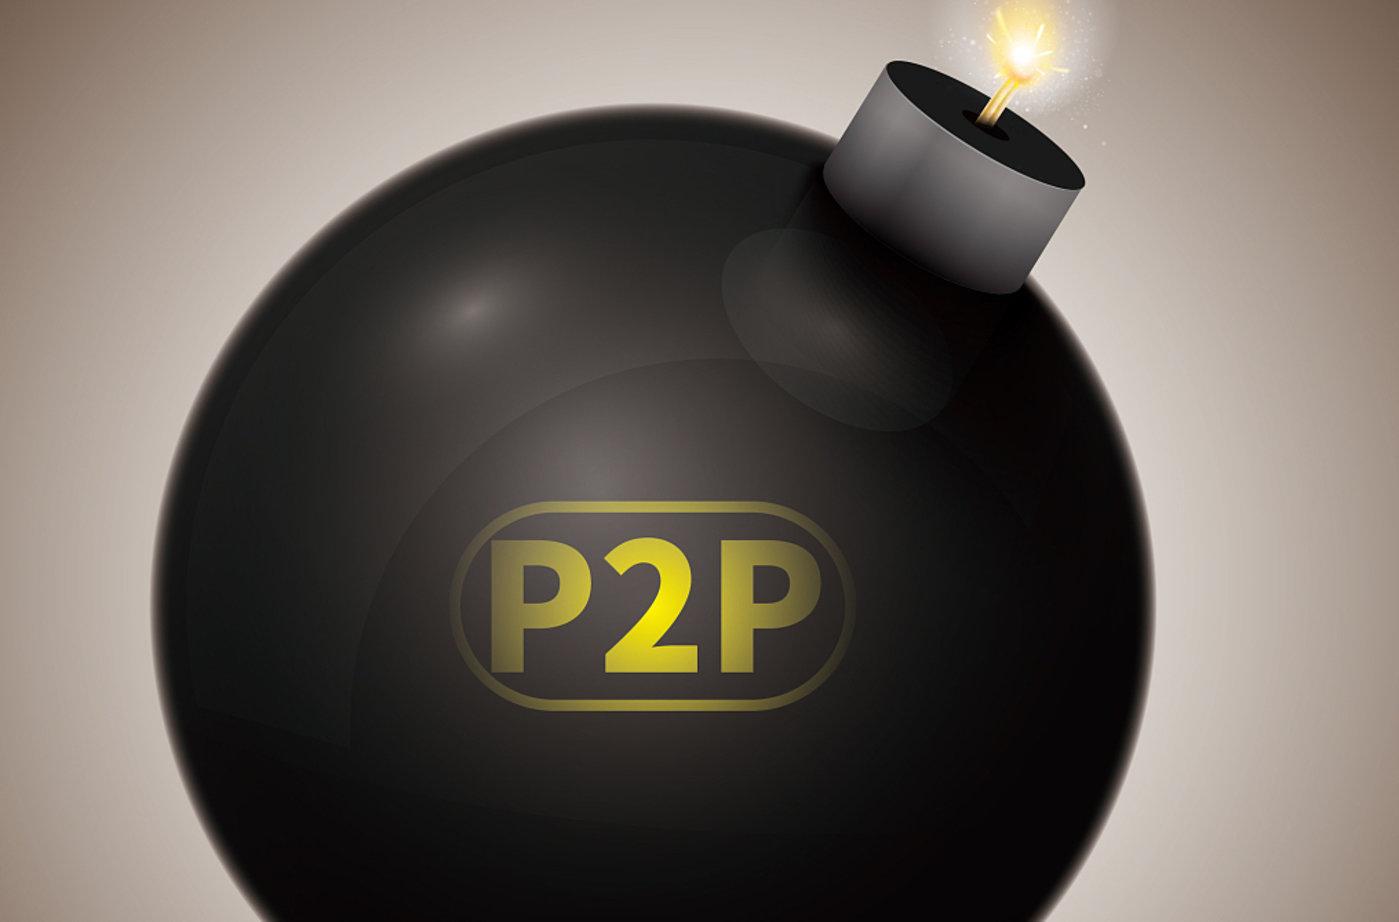 搭台子表演上市的微贷网终爆雷,P2P中概股割了多少韭菜?